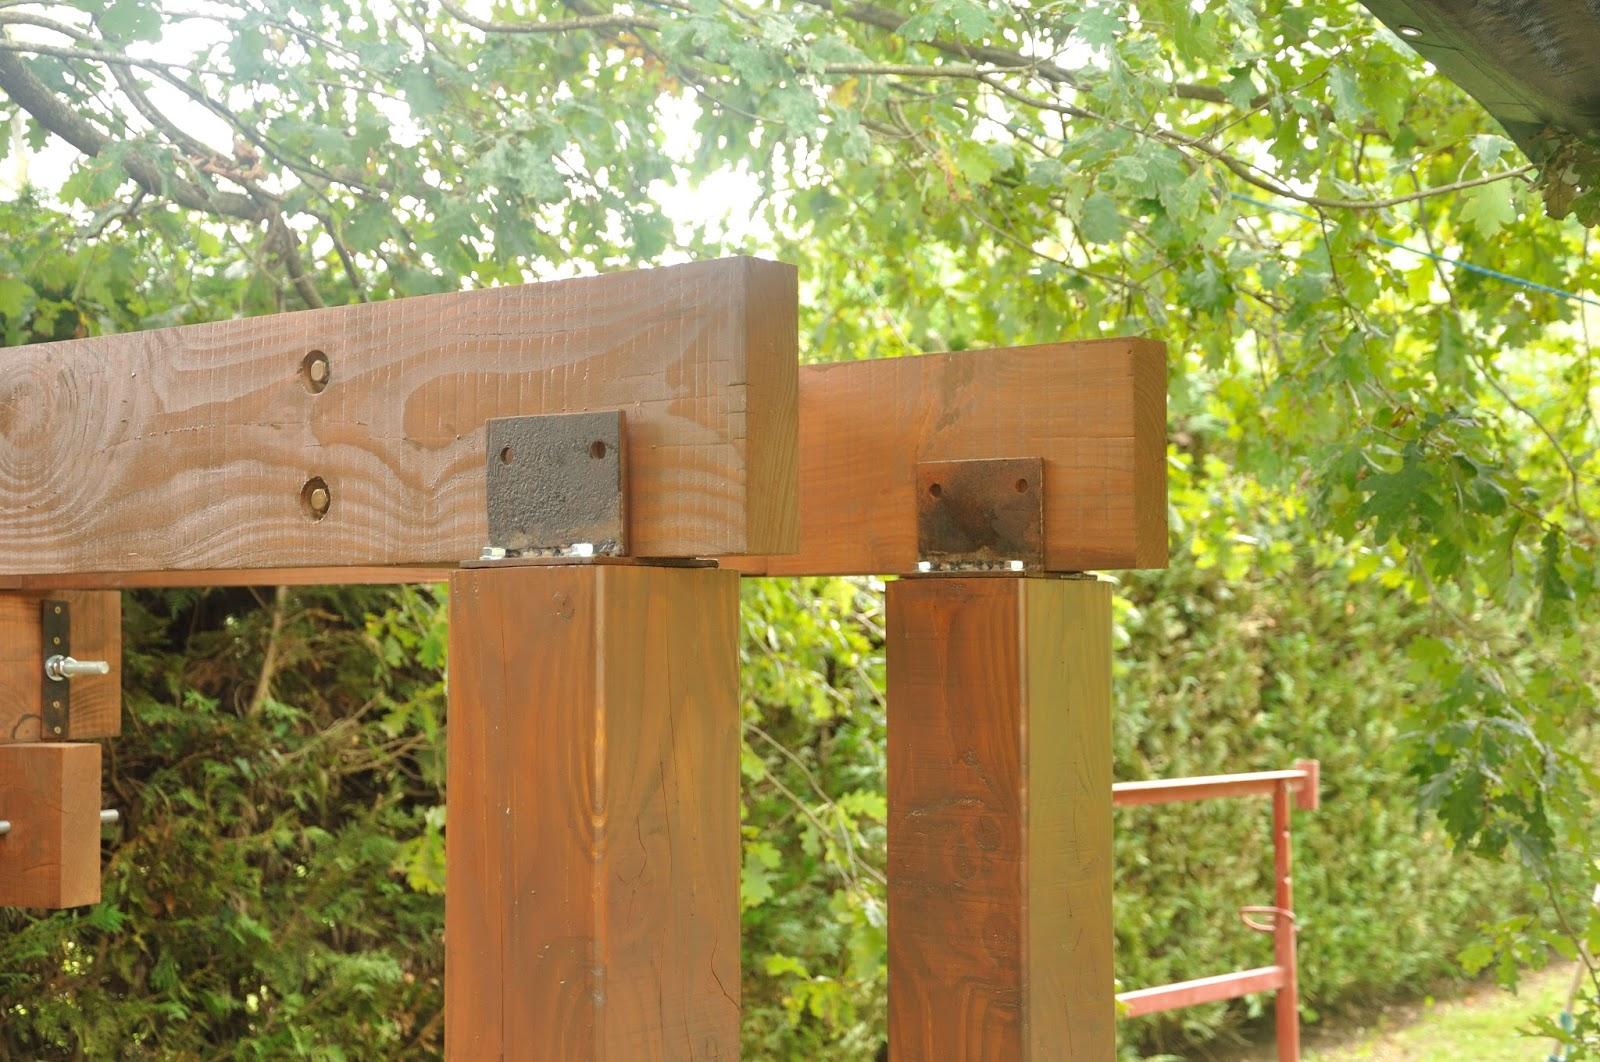 Liaison cabane poteaux la cabane de prout et nonosse - Fixation cabane dans les arbres ...